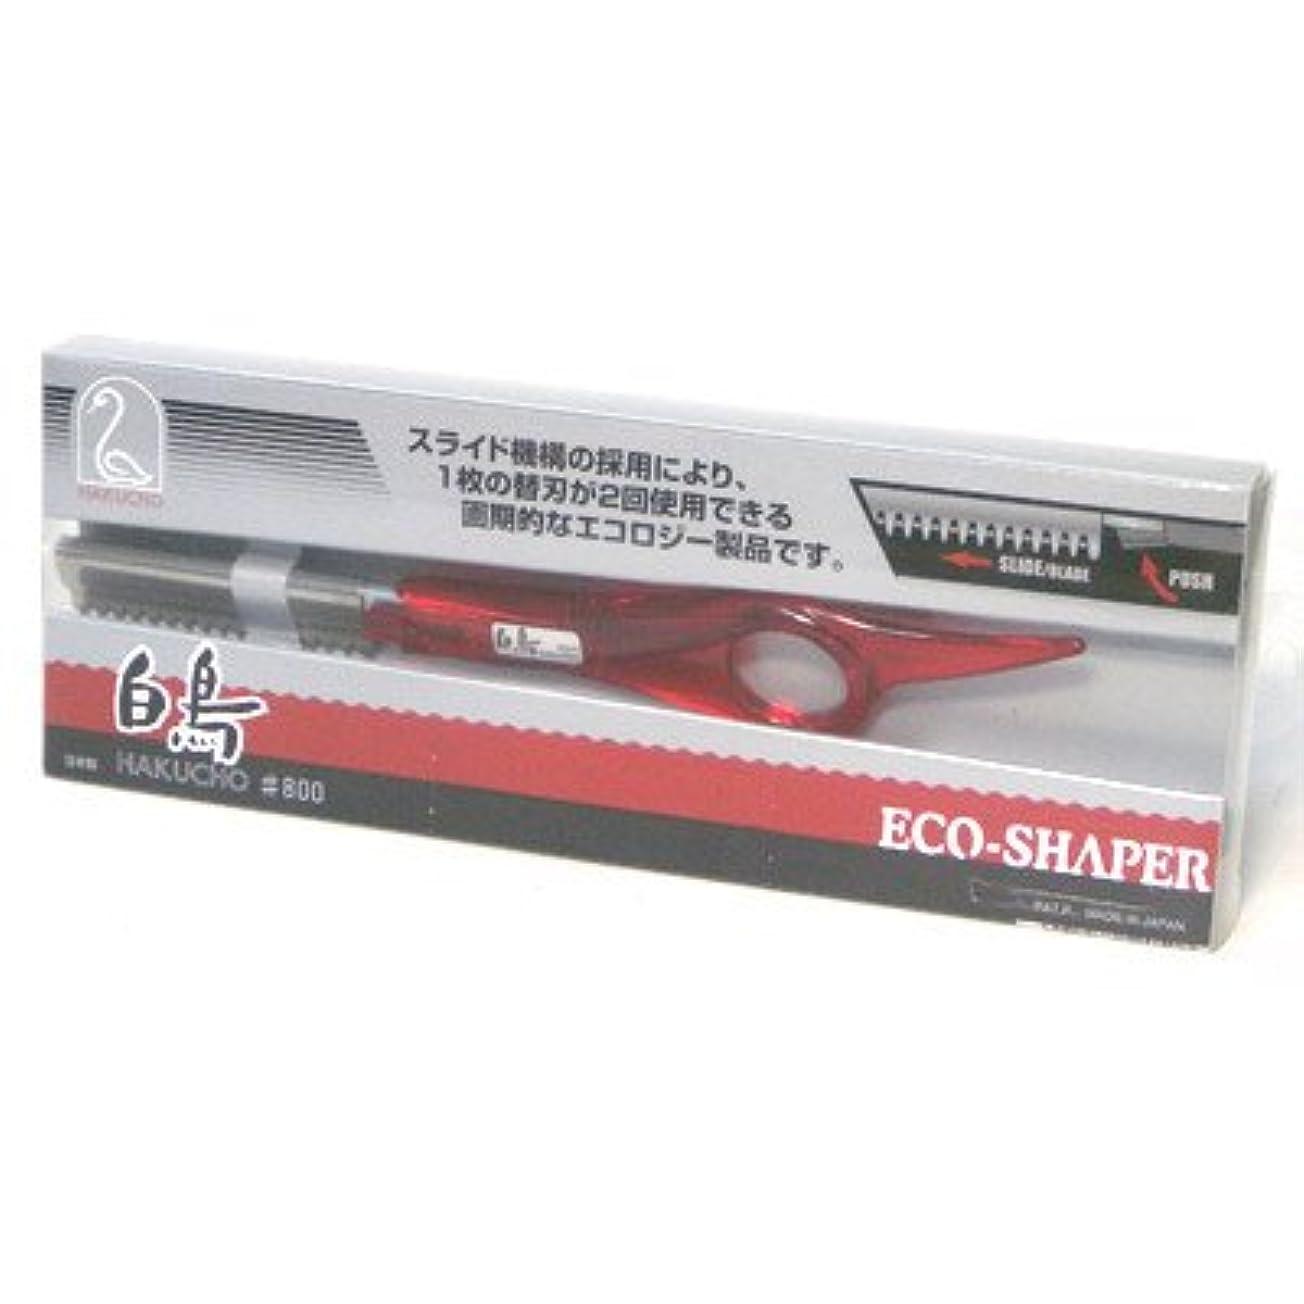 矢印リゾートカップ白鳥 カットレザー #800 ECO-SHAPER